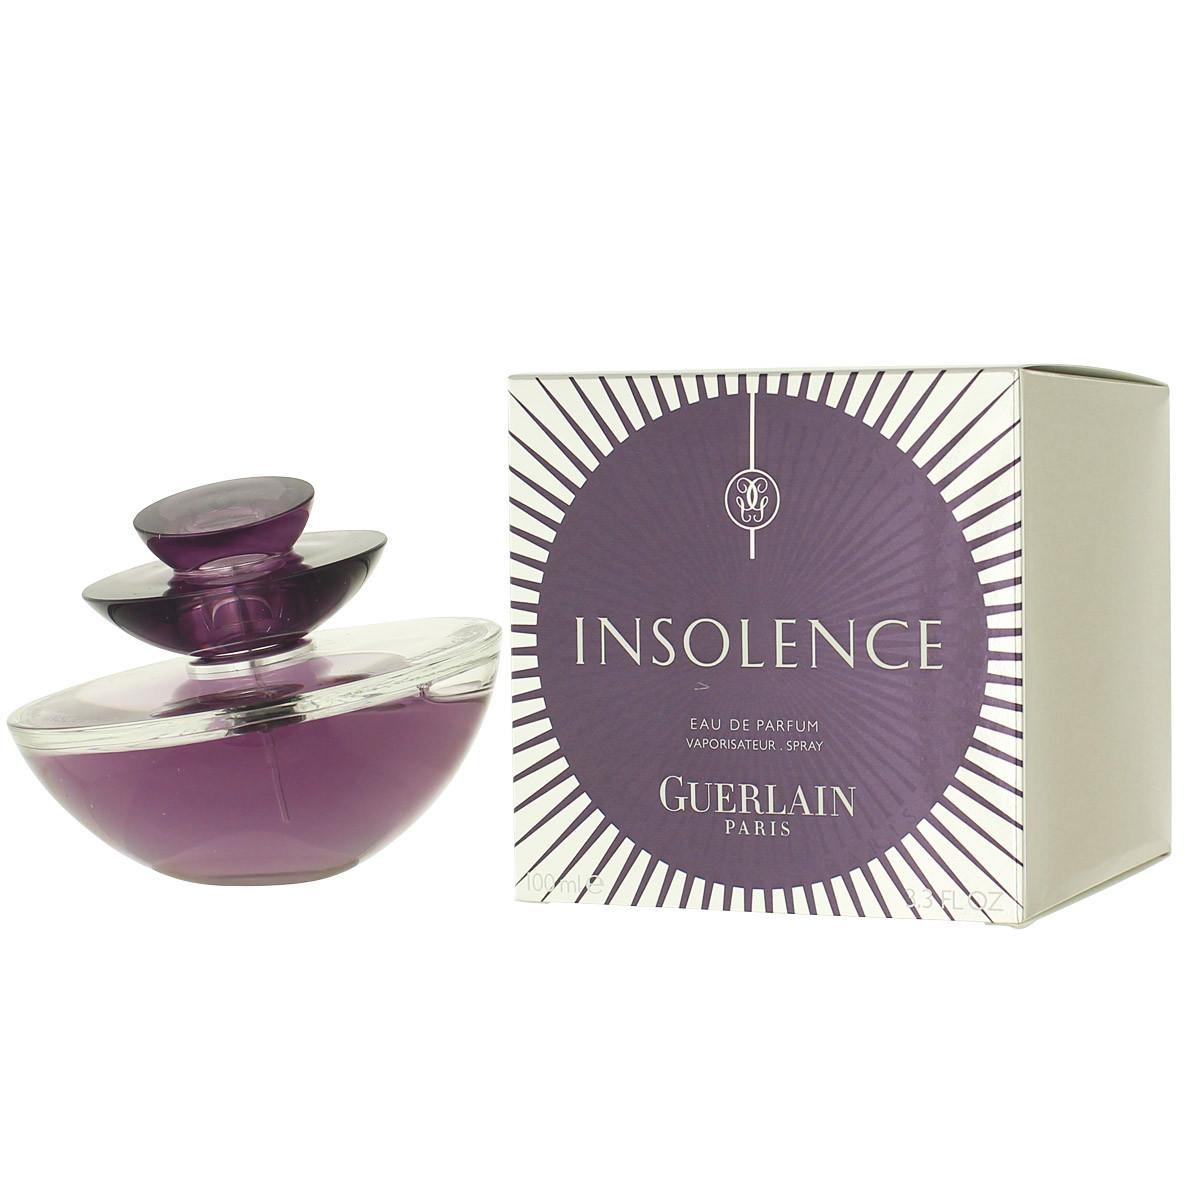 guerlain insolence eau de parfum 100 ml woman insolence eau de parfum guerlain marken. Black Bedroom Furniture Sets. Home Design Ideas